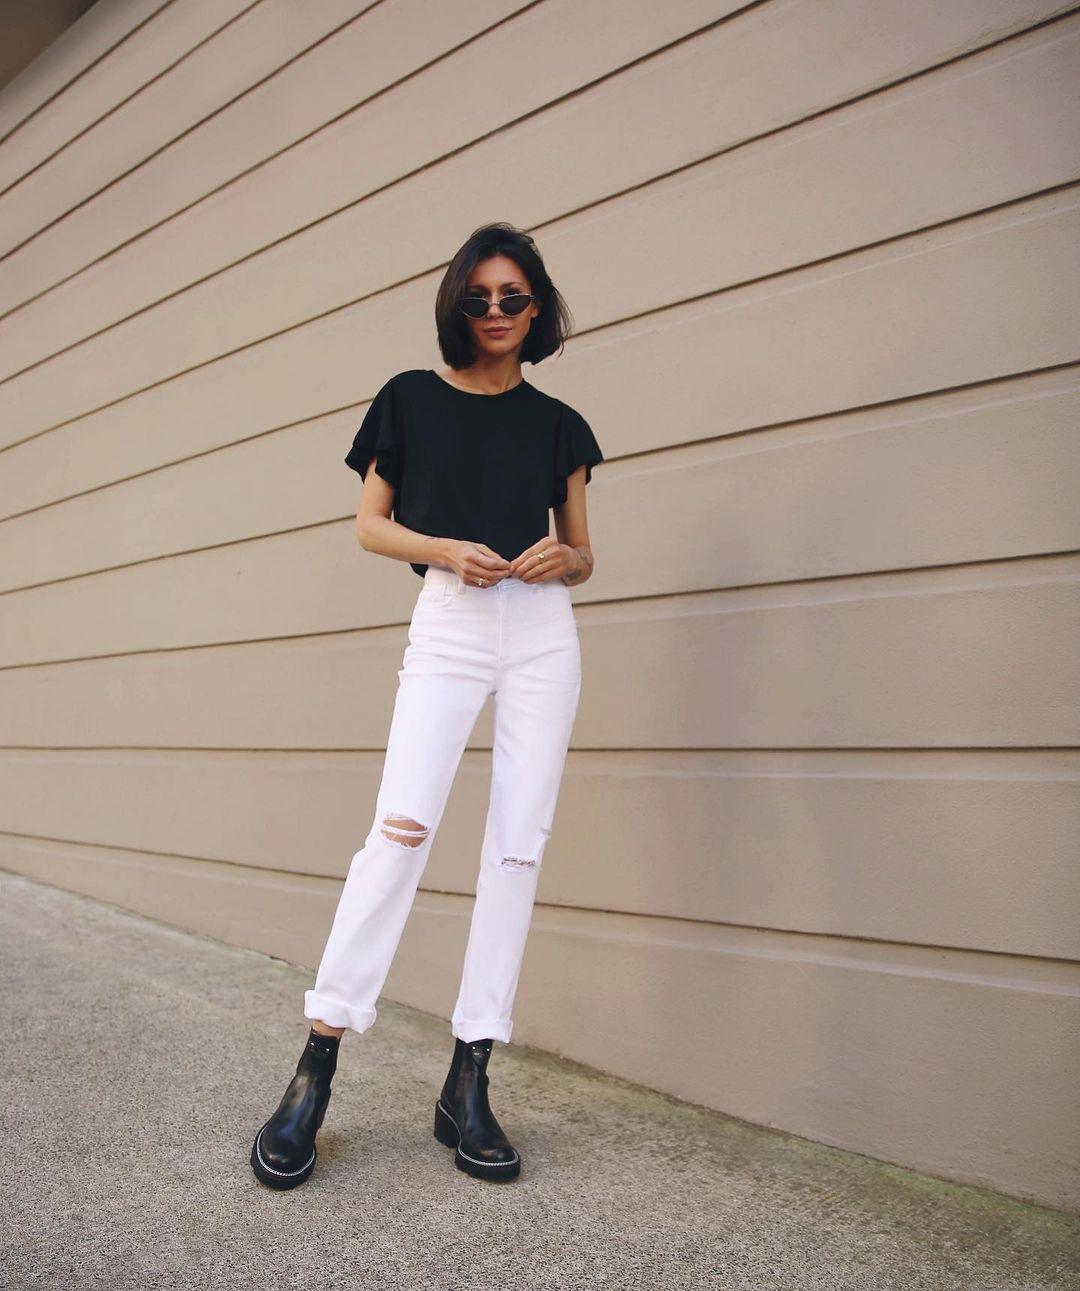 lỗi phối đồ với ankle boots và quần jeans